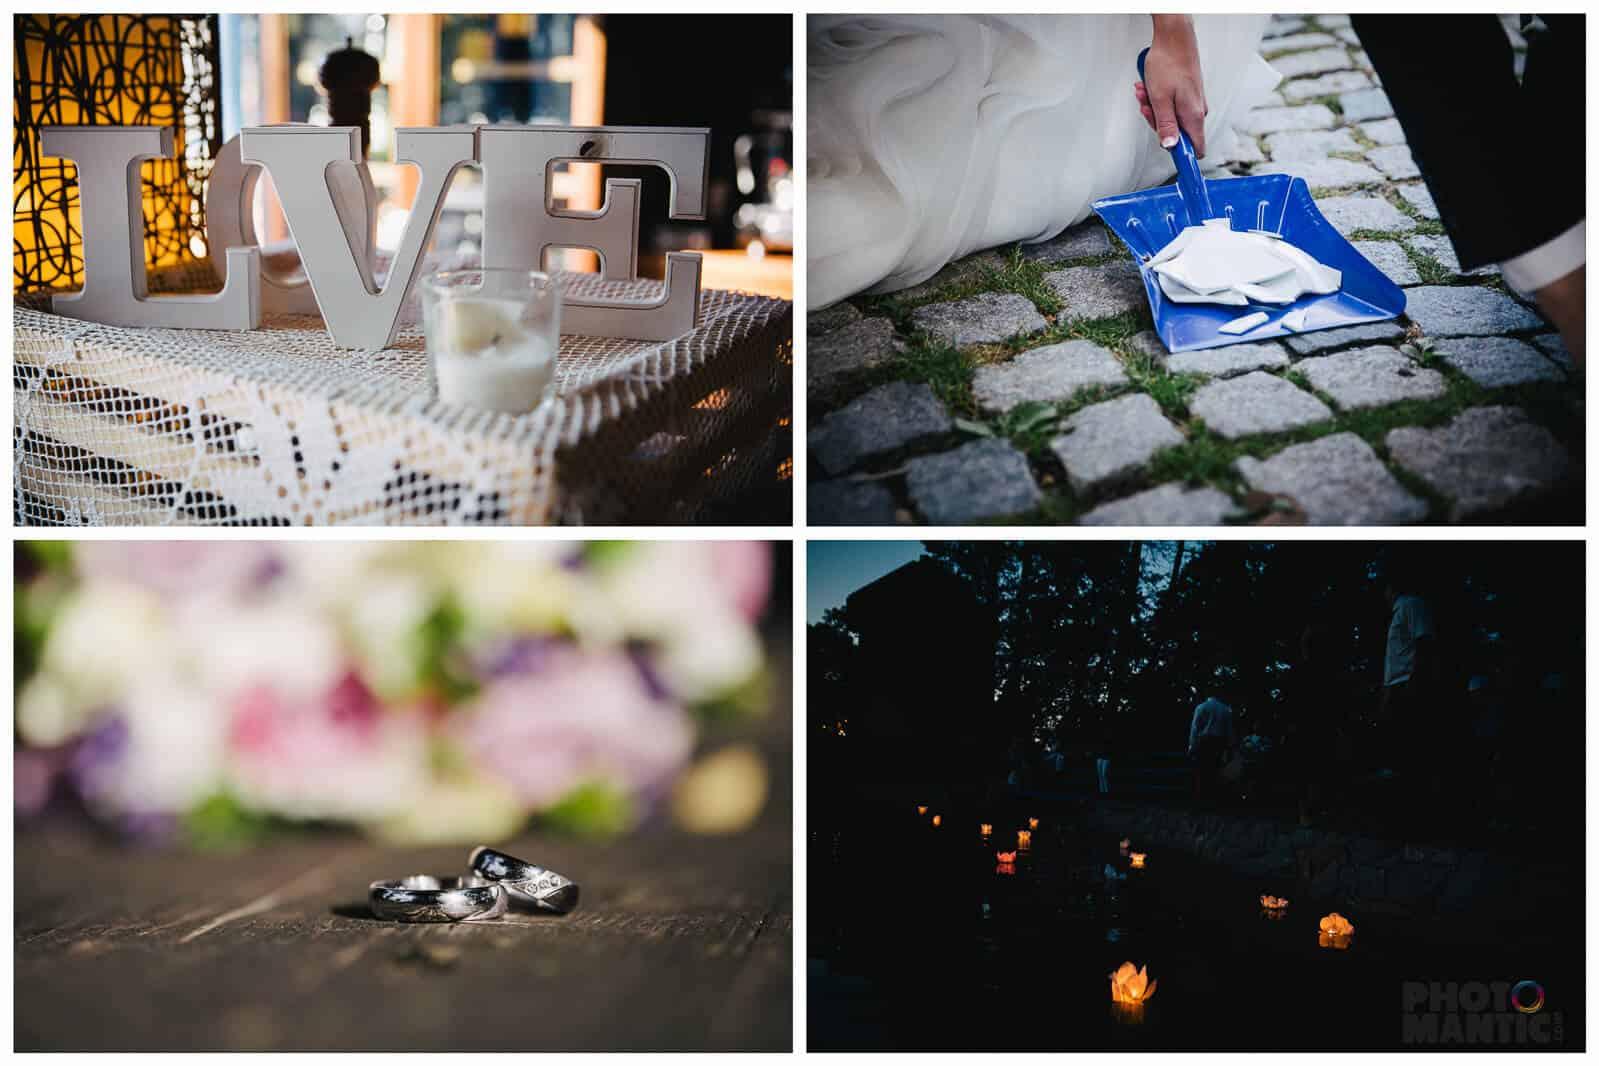 Hliněná bašta svatba koláž 1